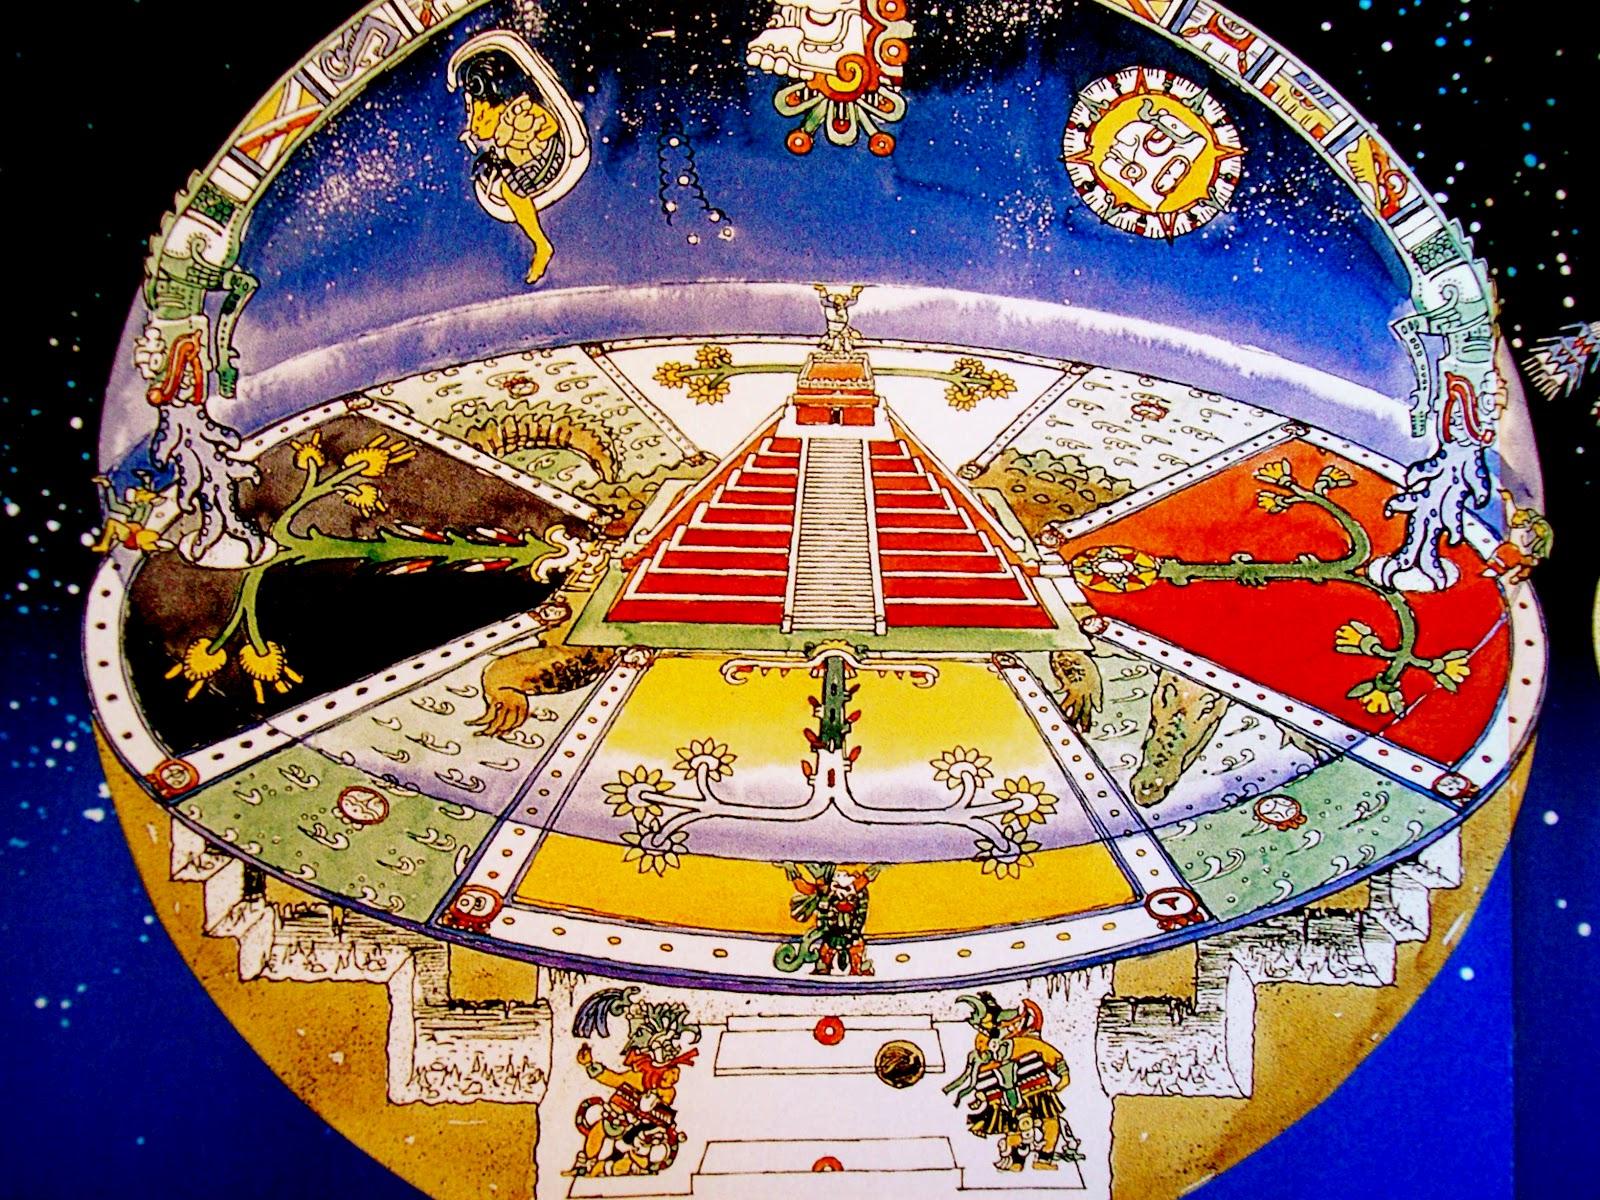 El mito azteca de los trece cielos una met fora sobre la Todo sobre arquitectura pdf